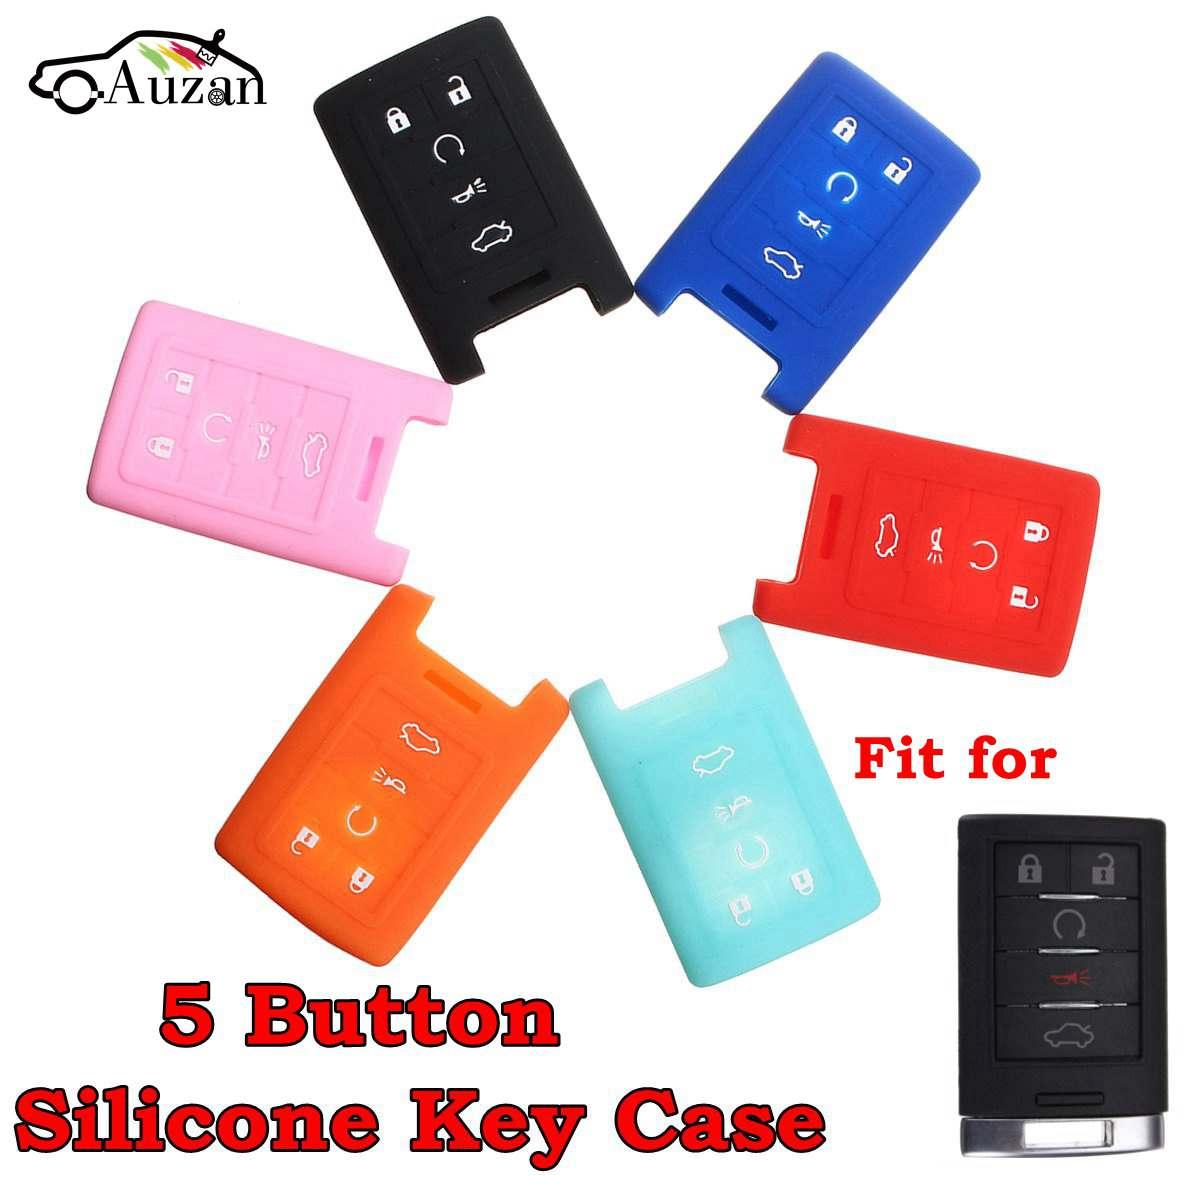 ¡Novedad! funda para mando a distancia de 5 botones de silicona para Cadillac STS ATS DTS CTS XTS SRX en 6 colores